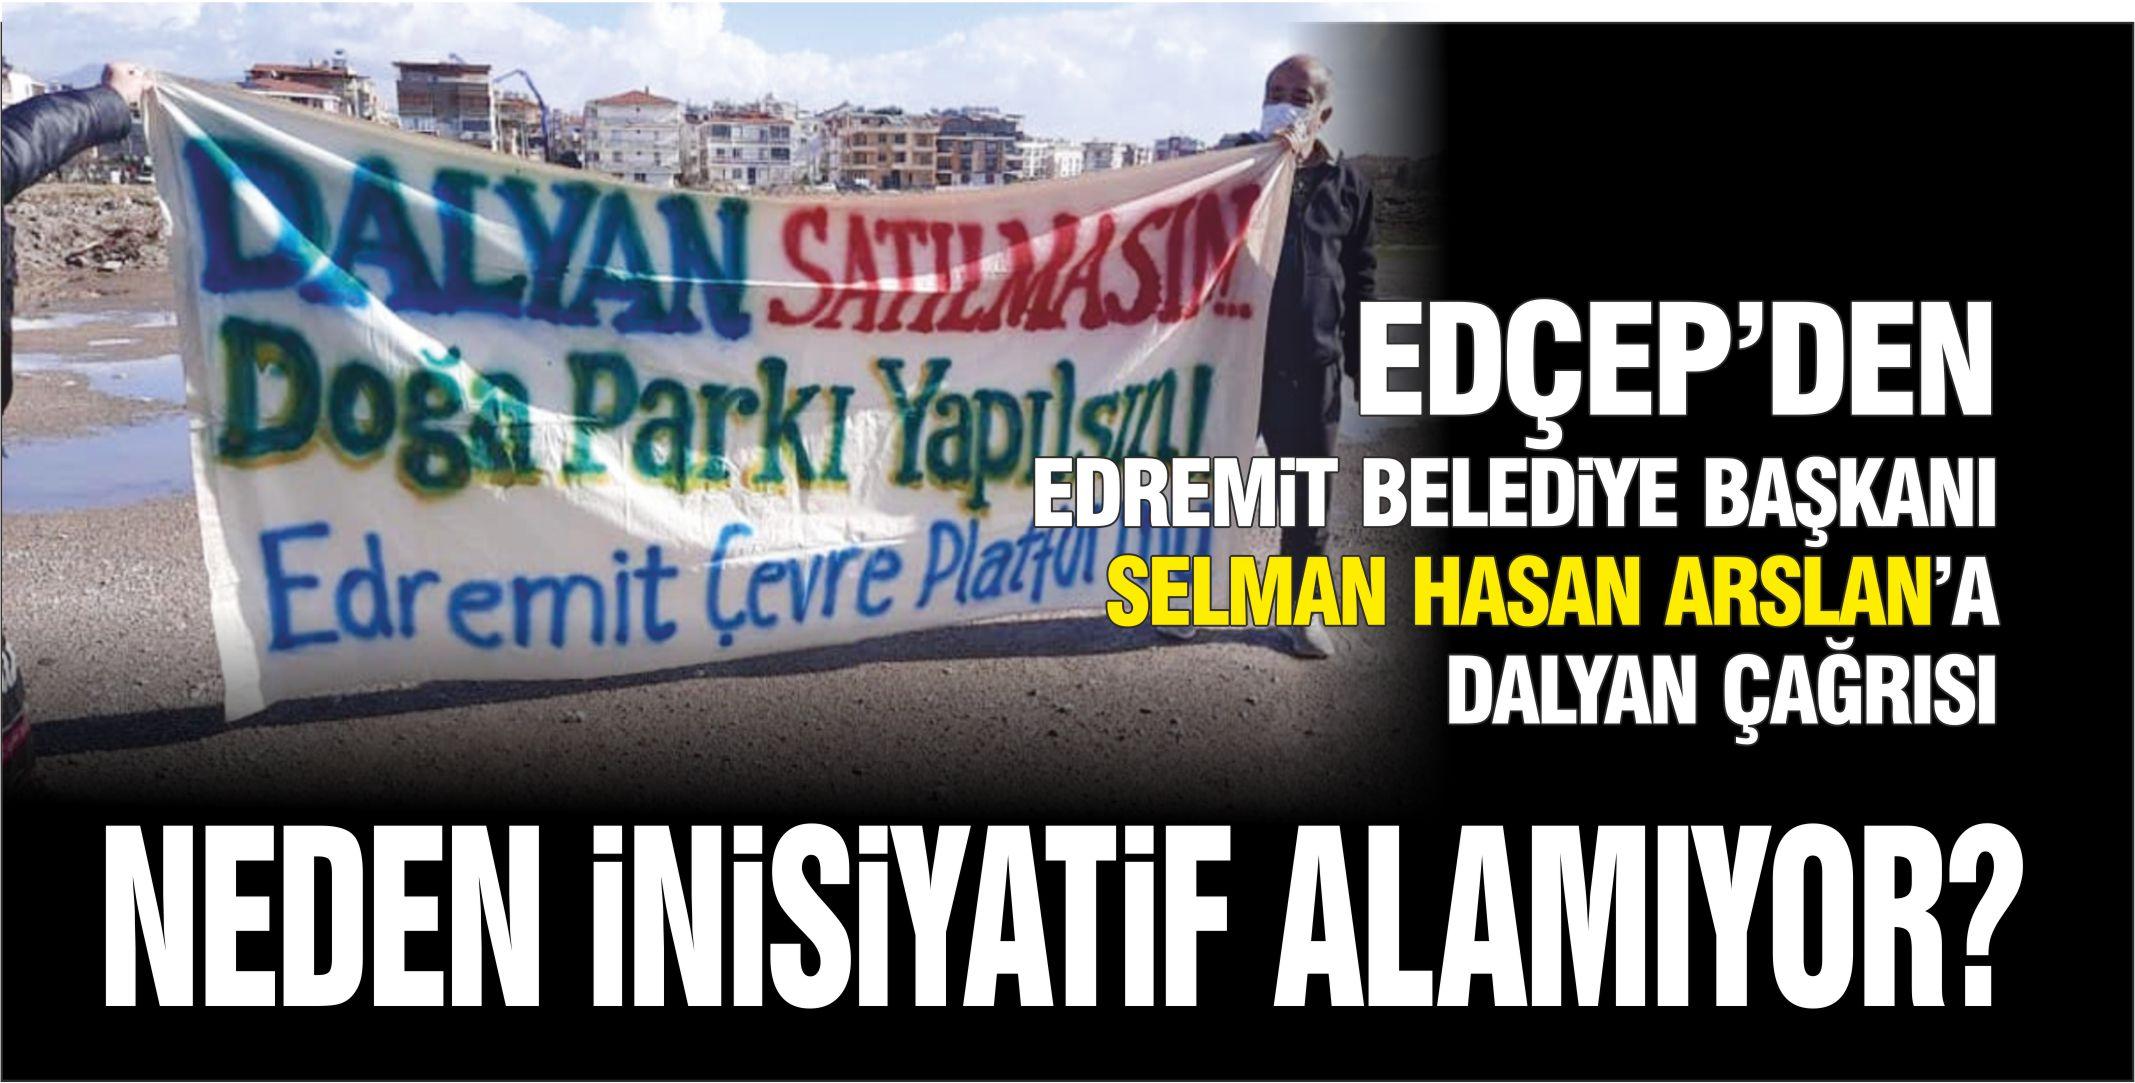 EDREMİT ÇEVRE PLATFORMU'NDAN 'DALYAN' AÇIKLAMASI